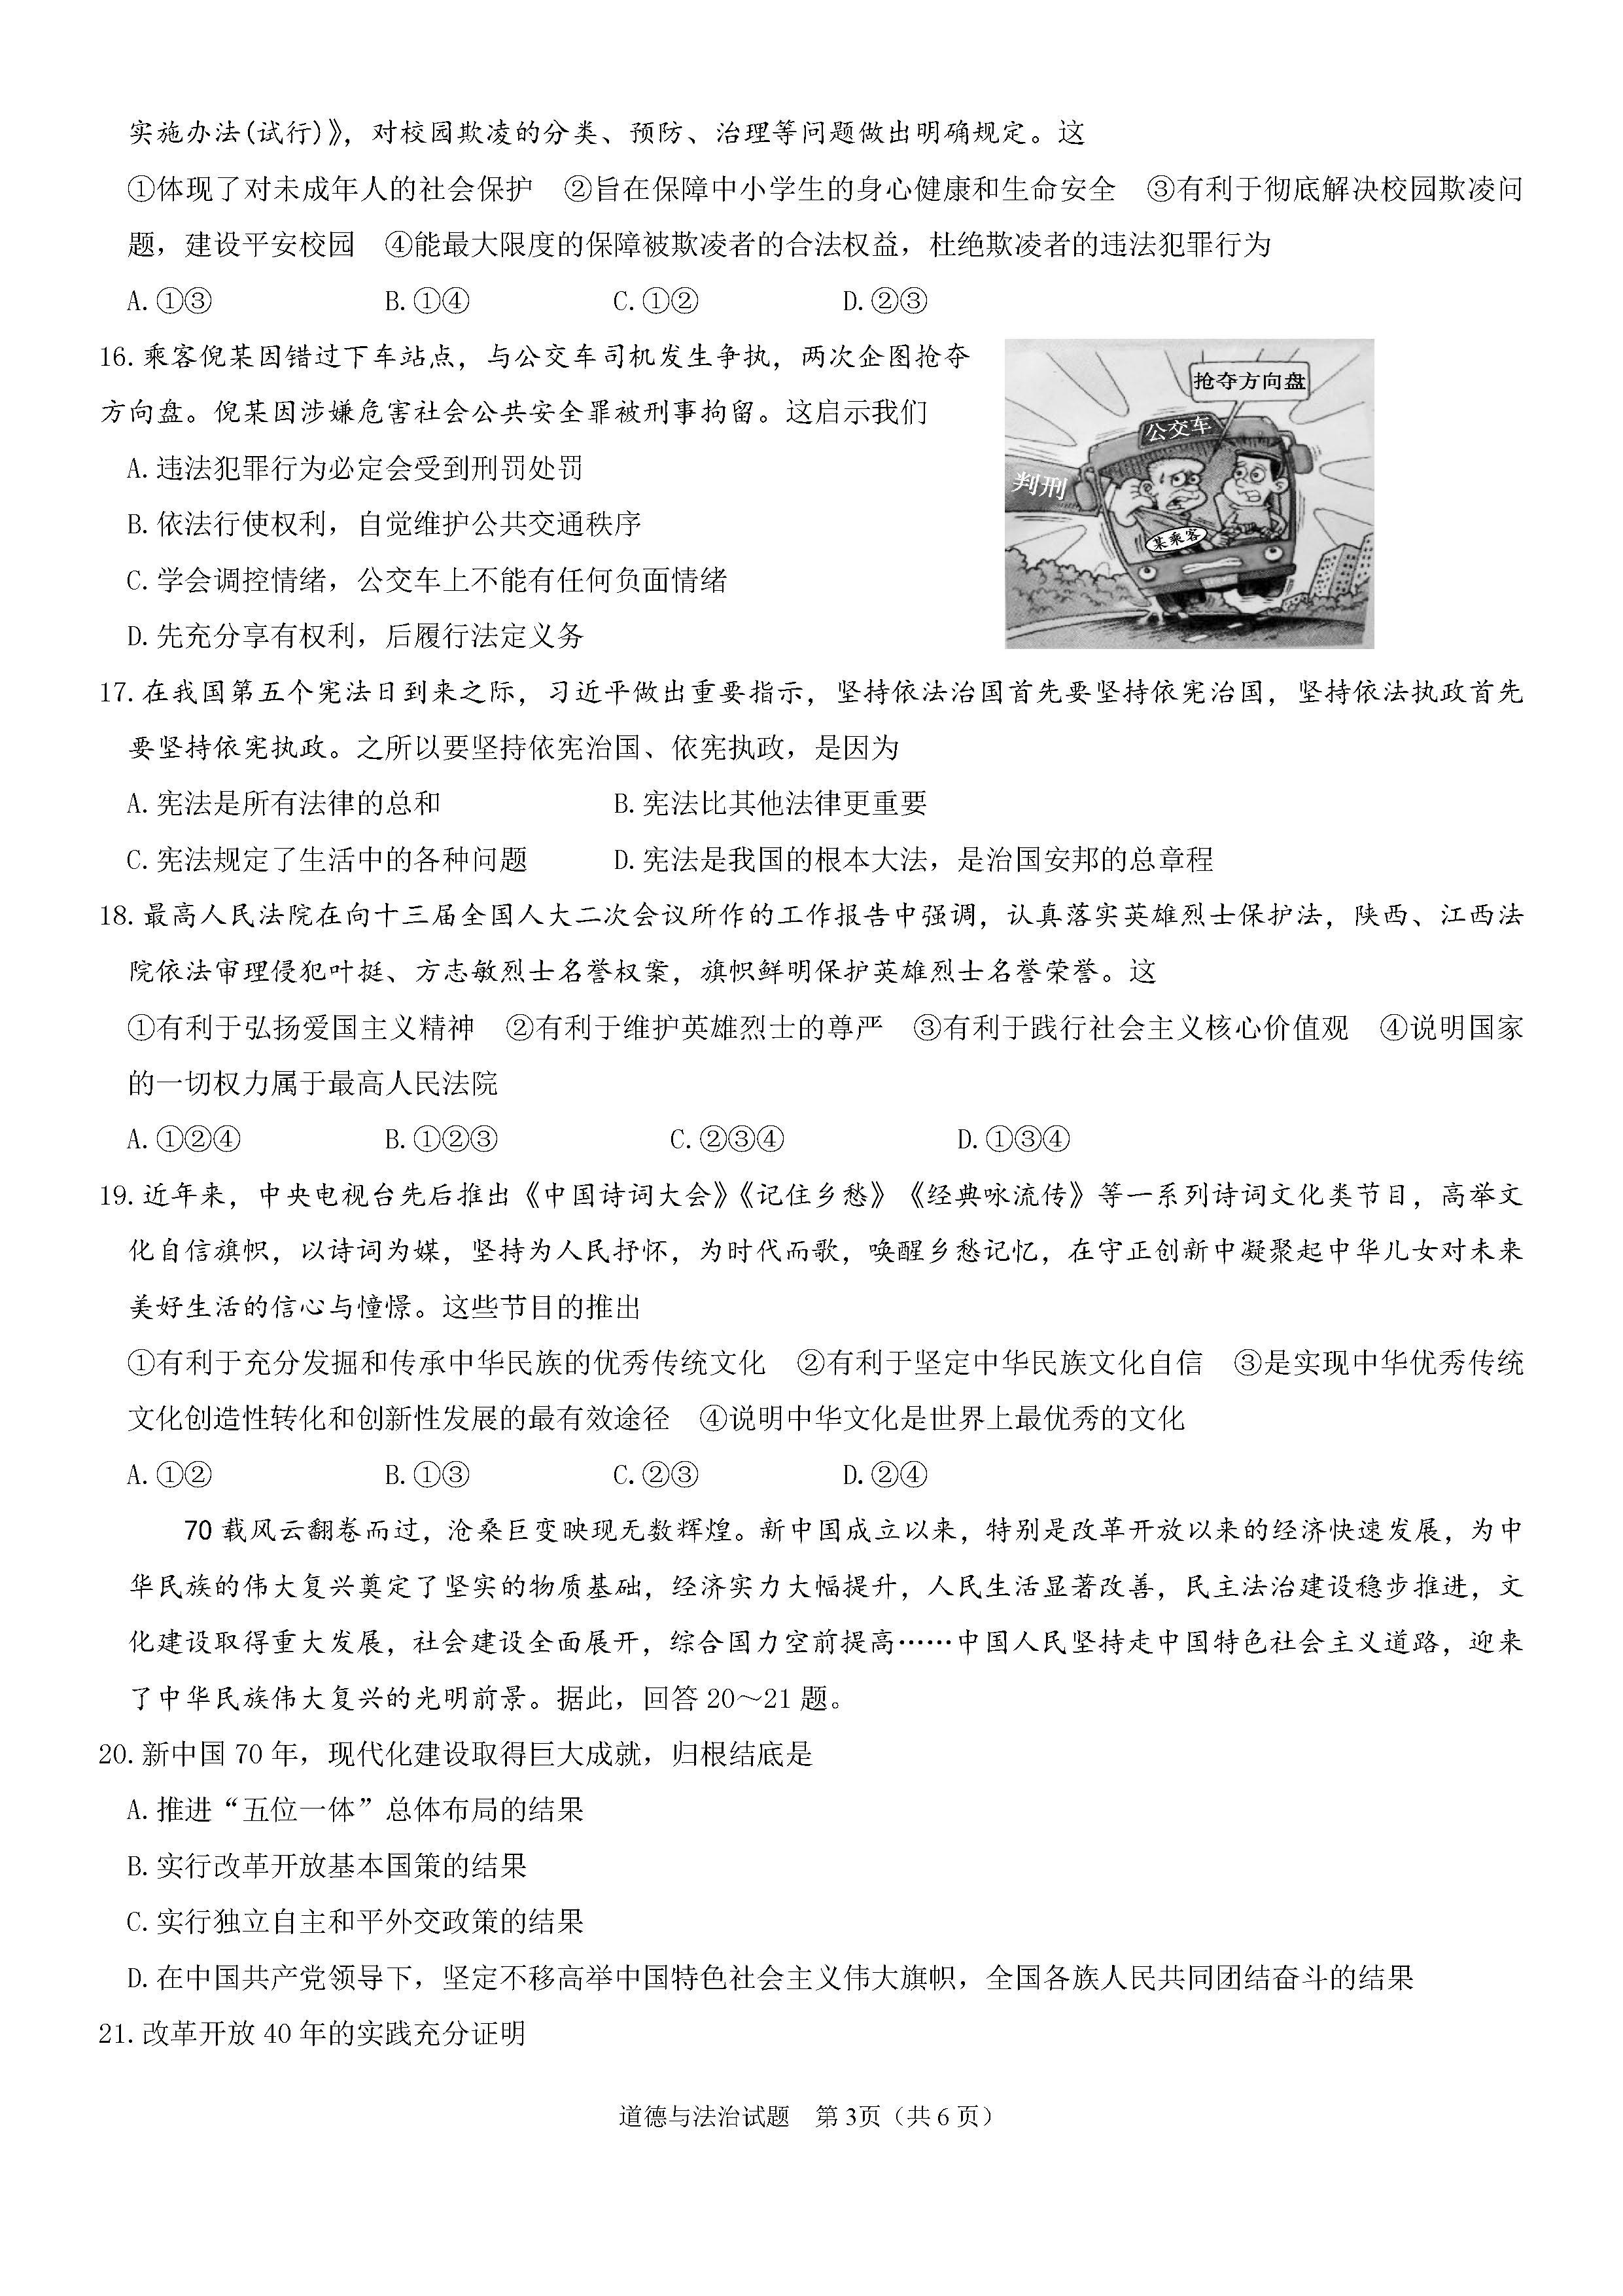 2019年山东烟台中考《思品》真题及答案已公布